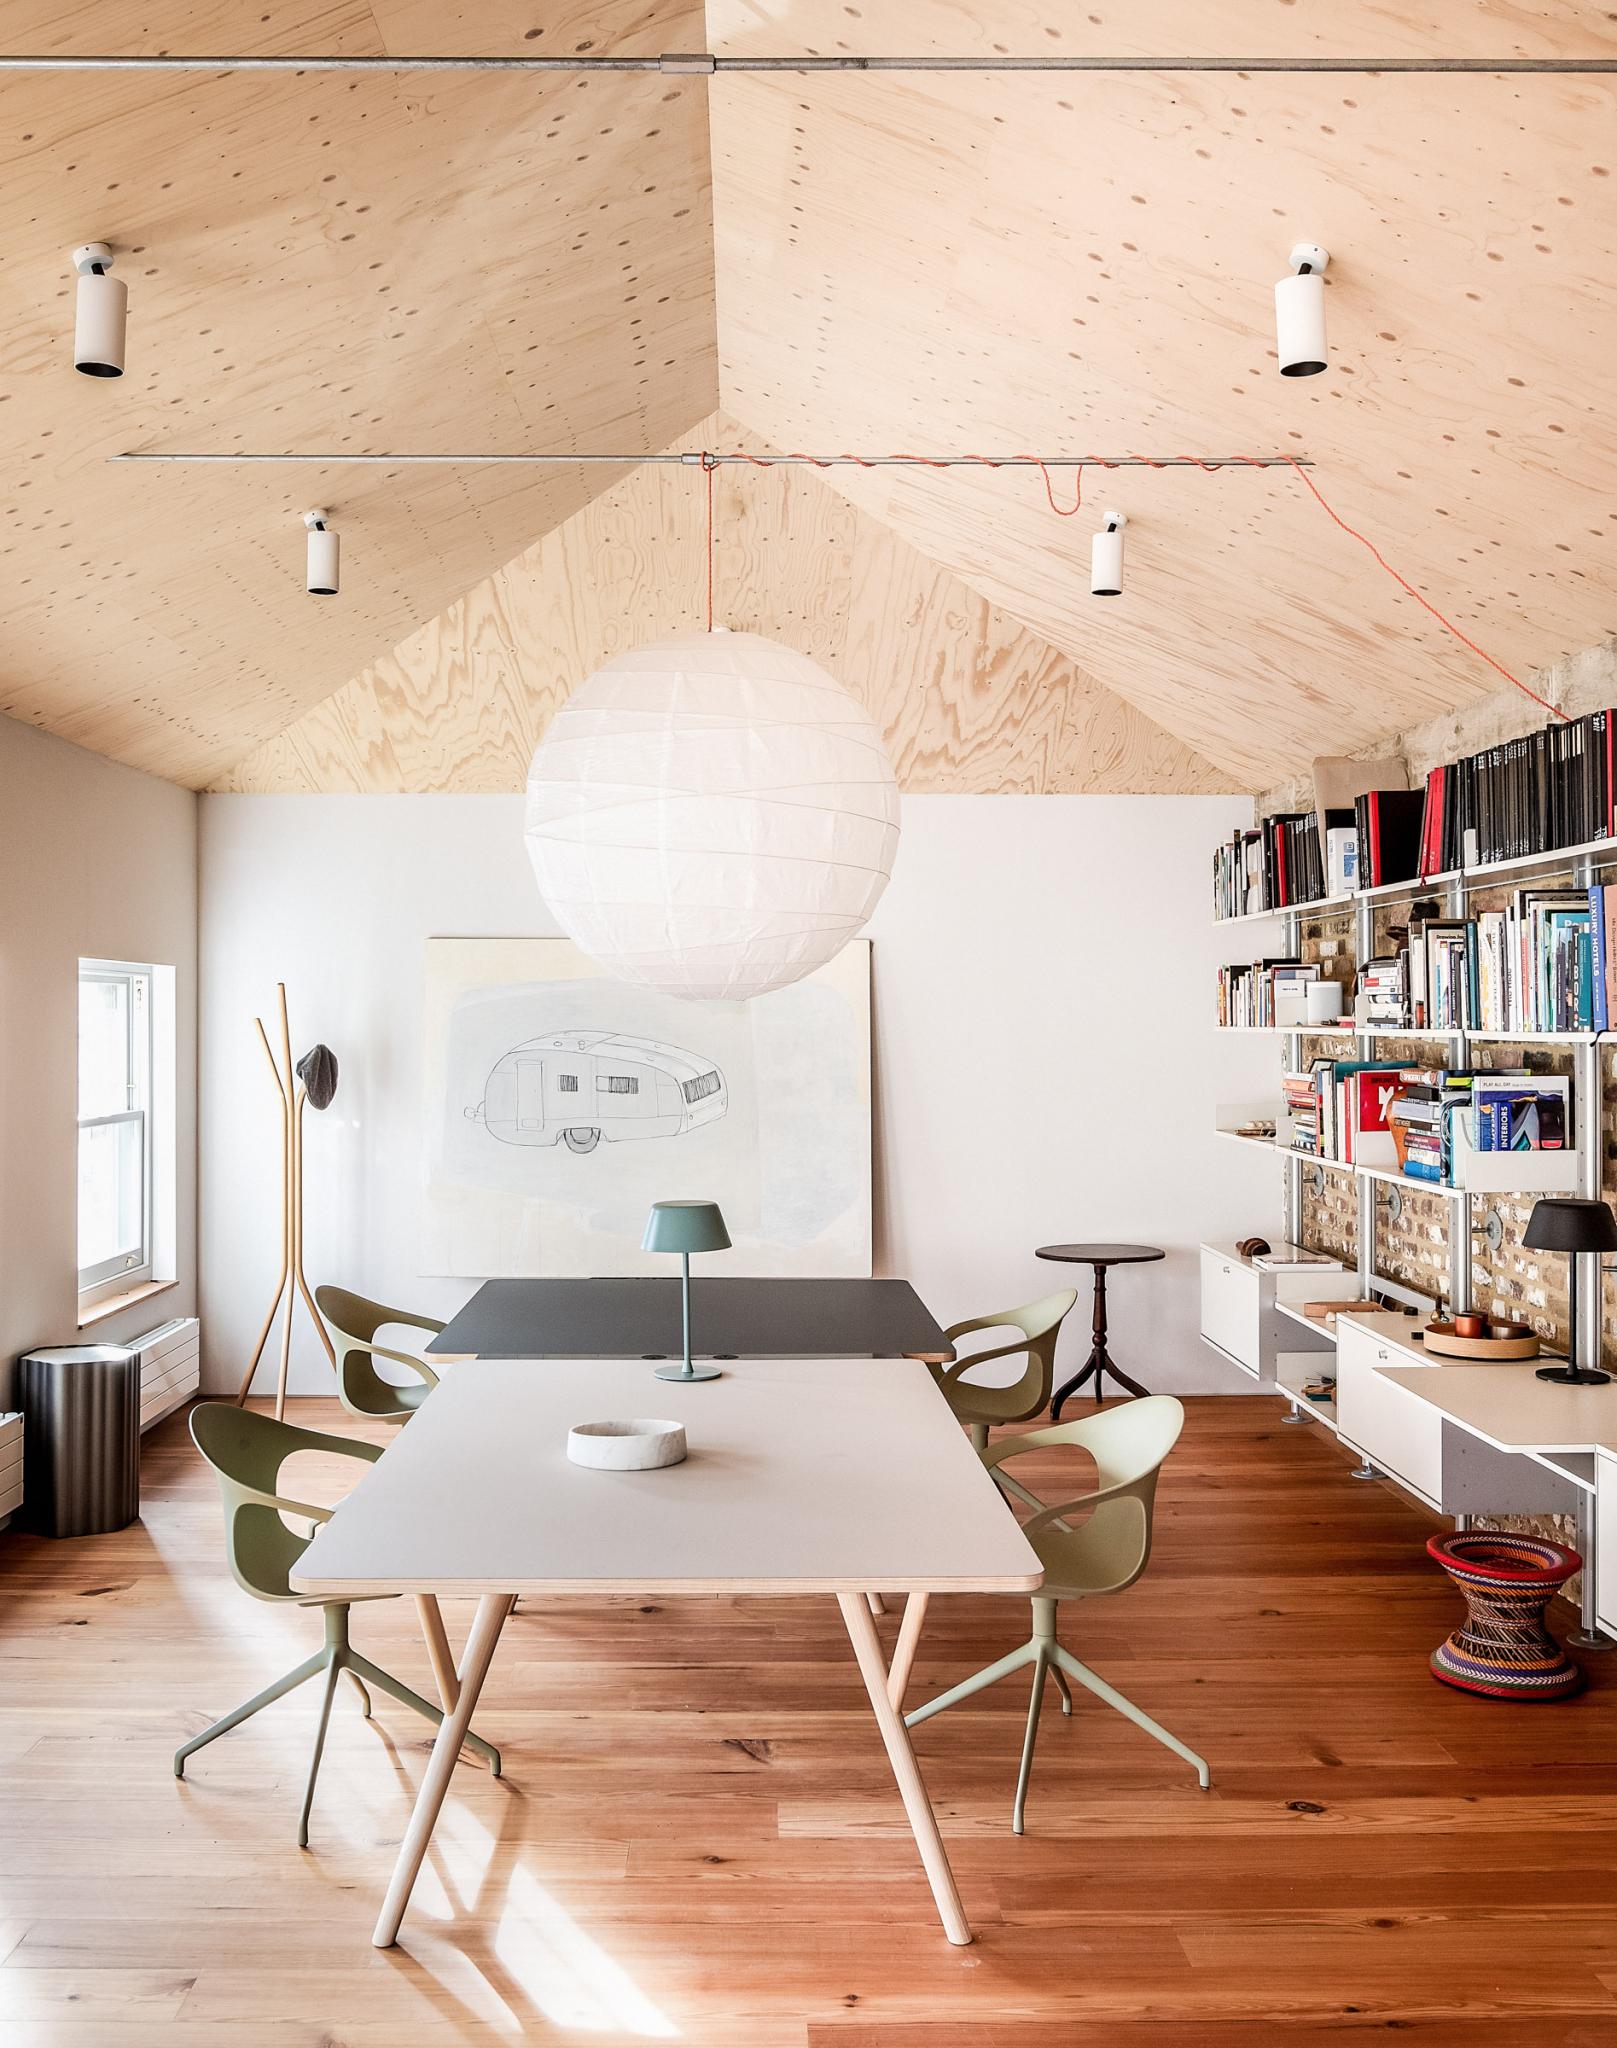 Salas de reuniões e espaços para eventos